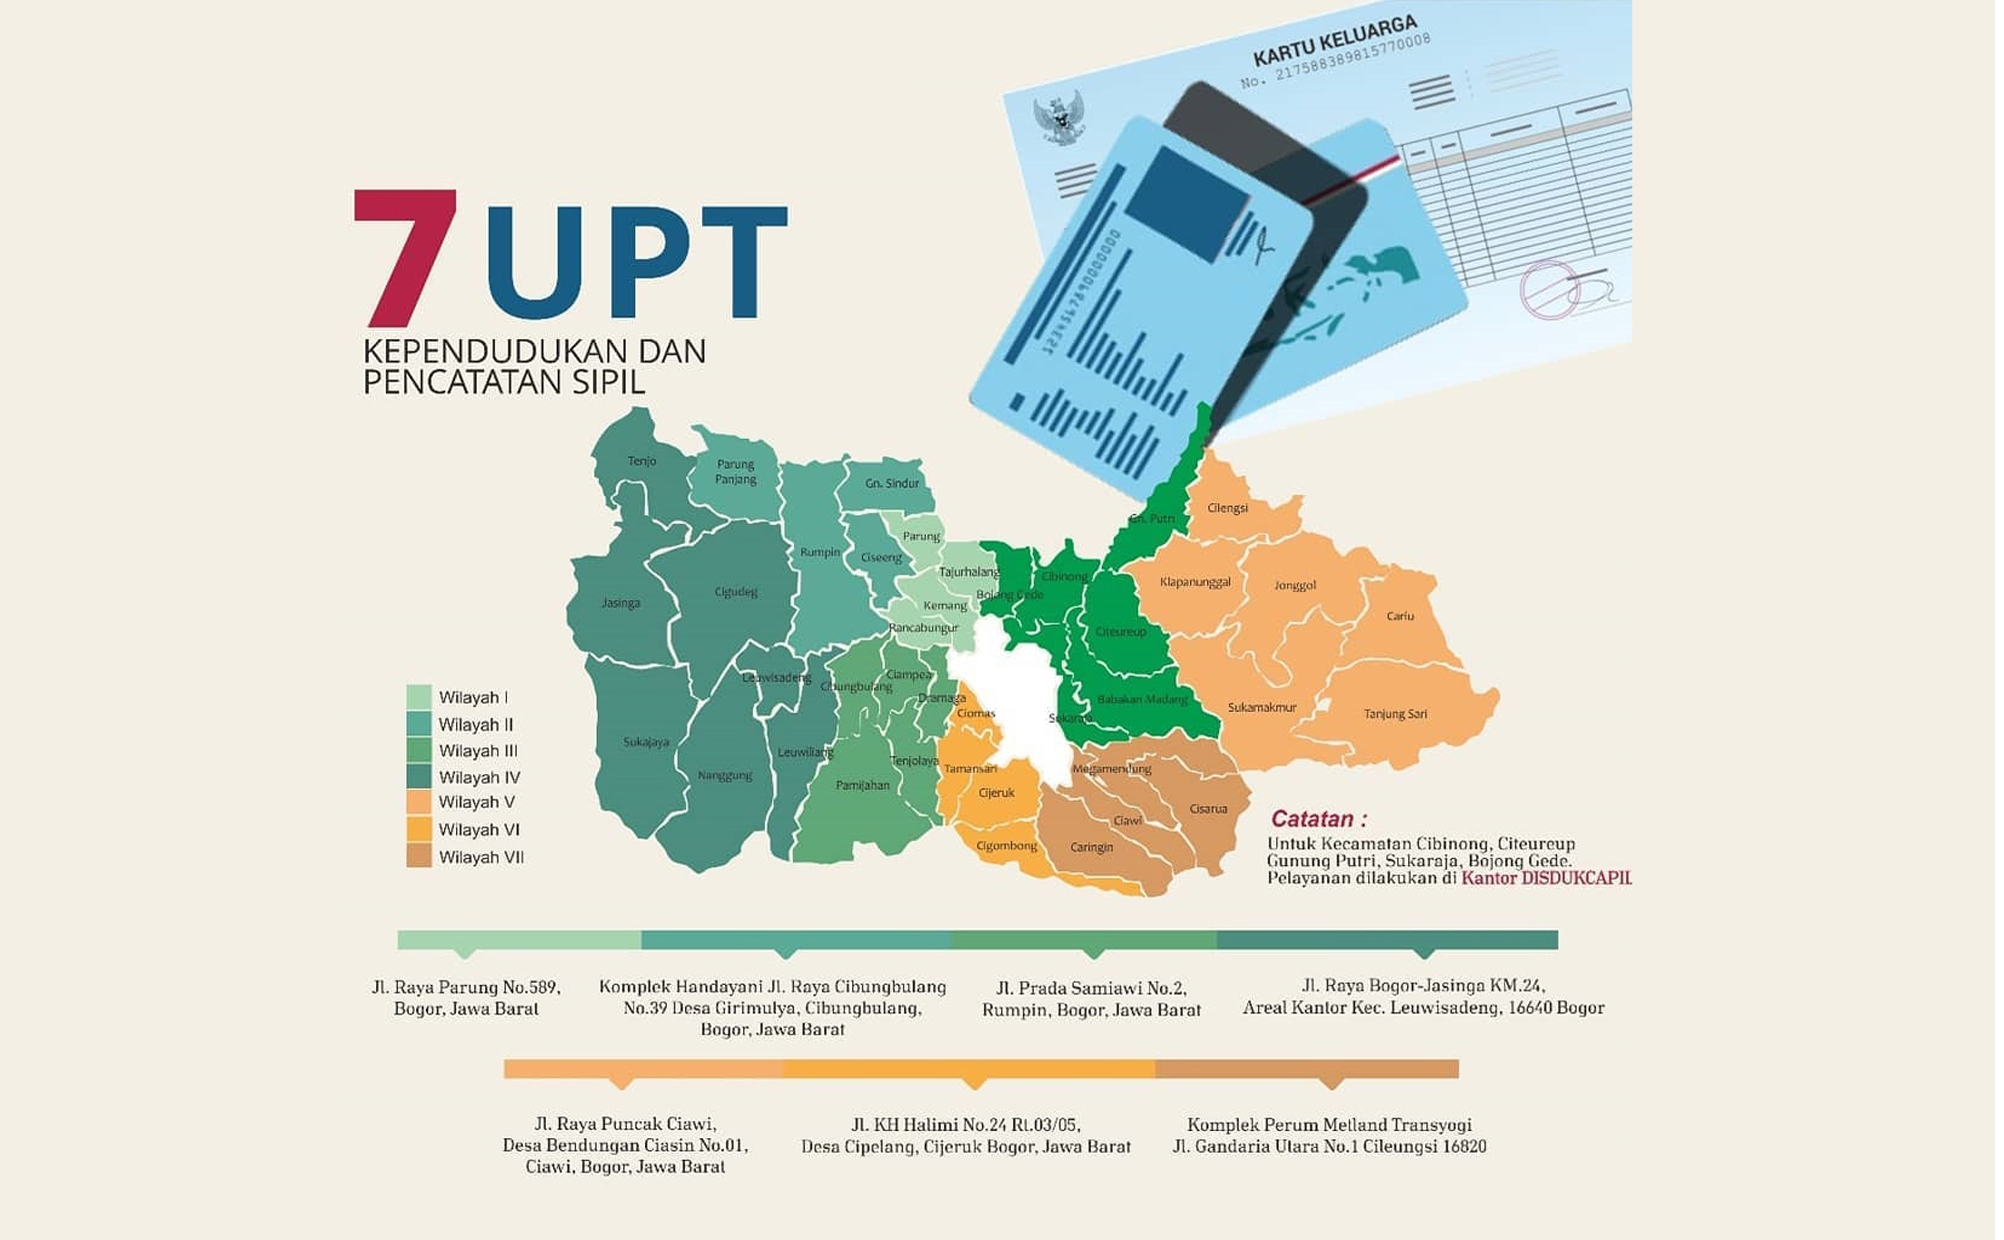 Pelayanan Online 7 UPT Dinas Kependudukan dan Pencatatan Sipil